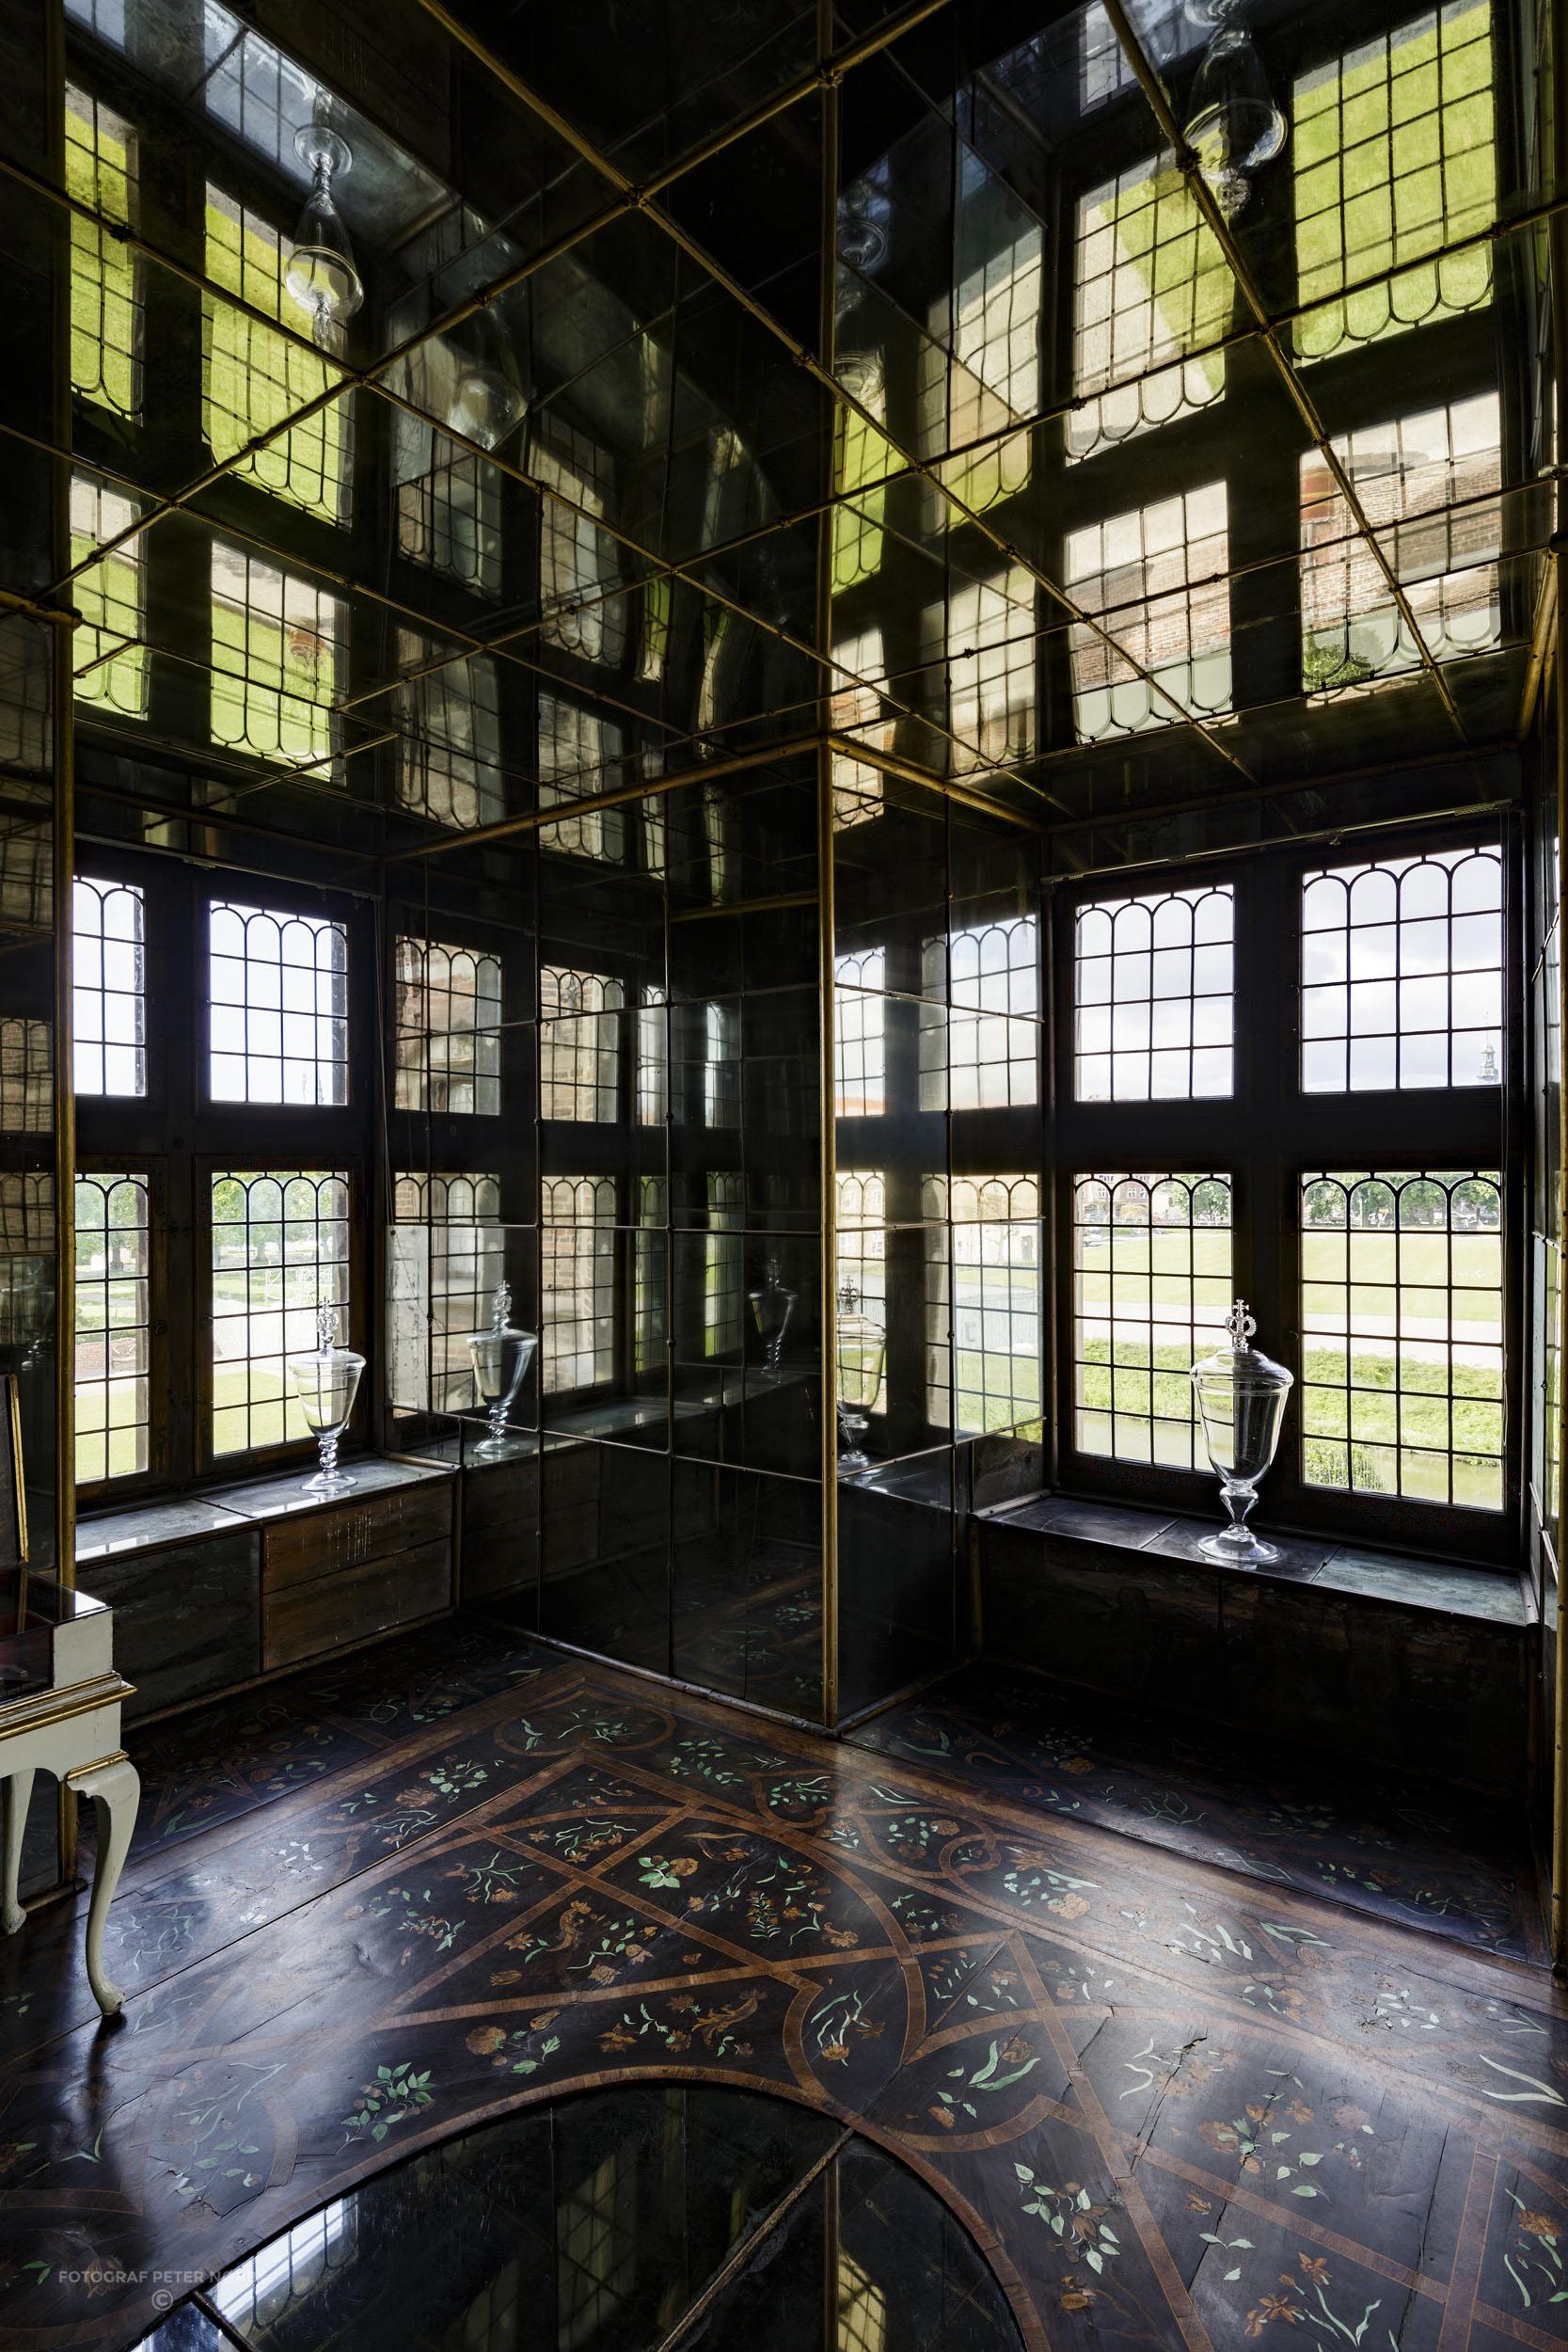 Rosenborg_Room13a__10.jpg